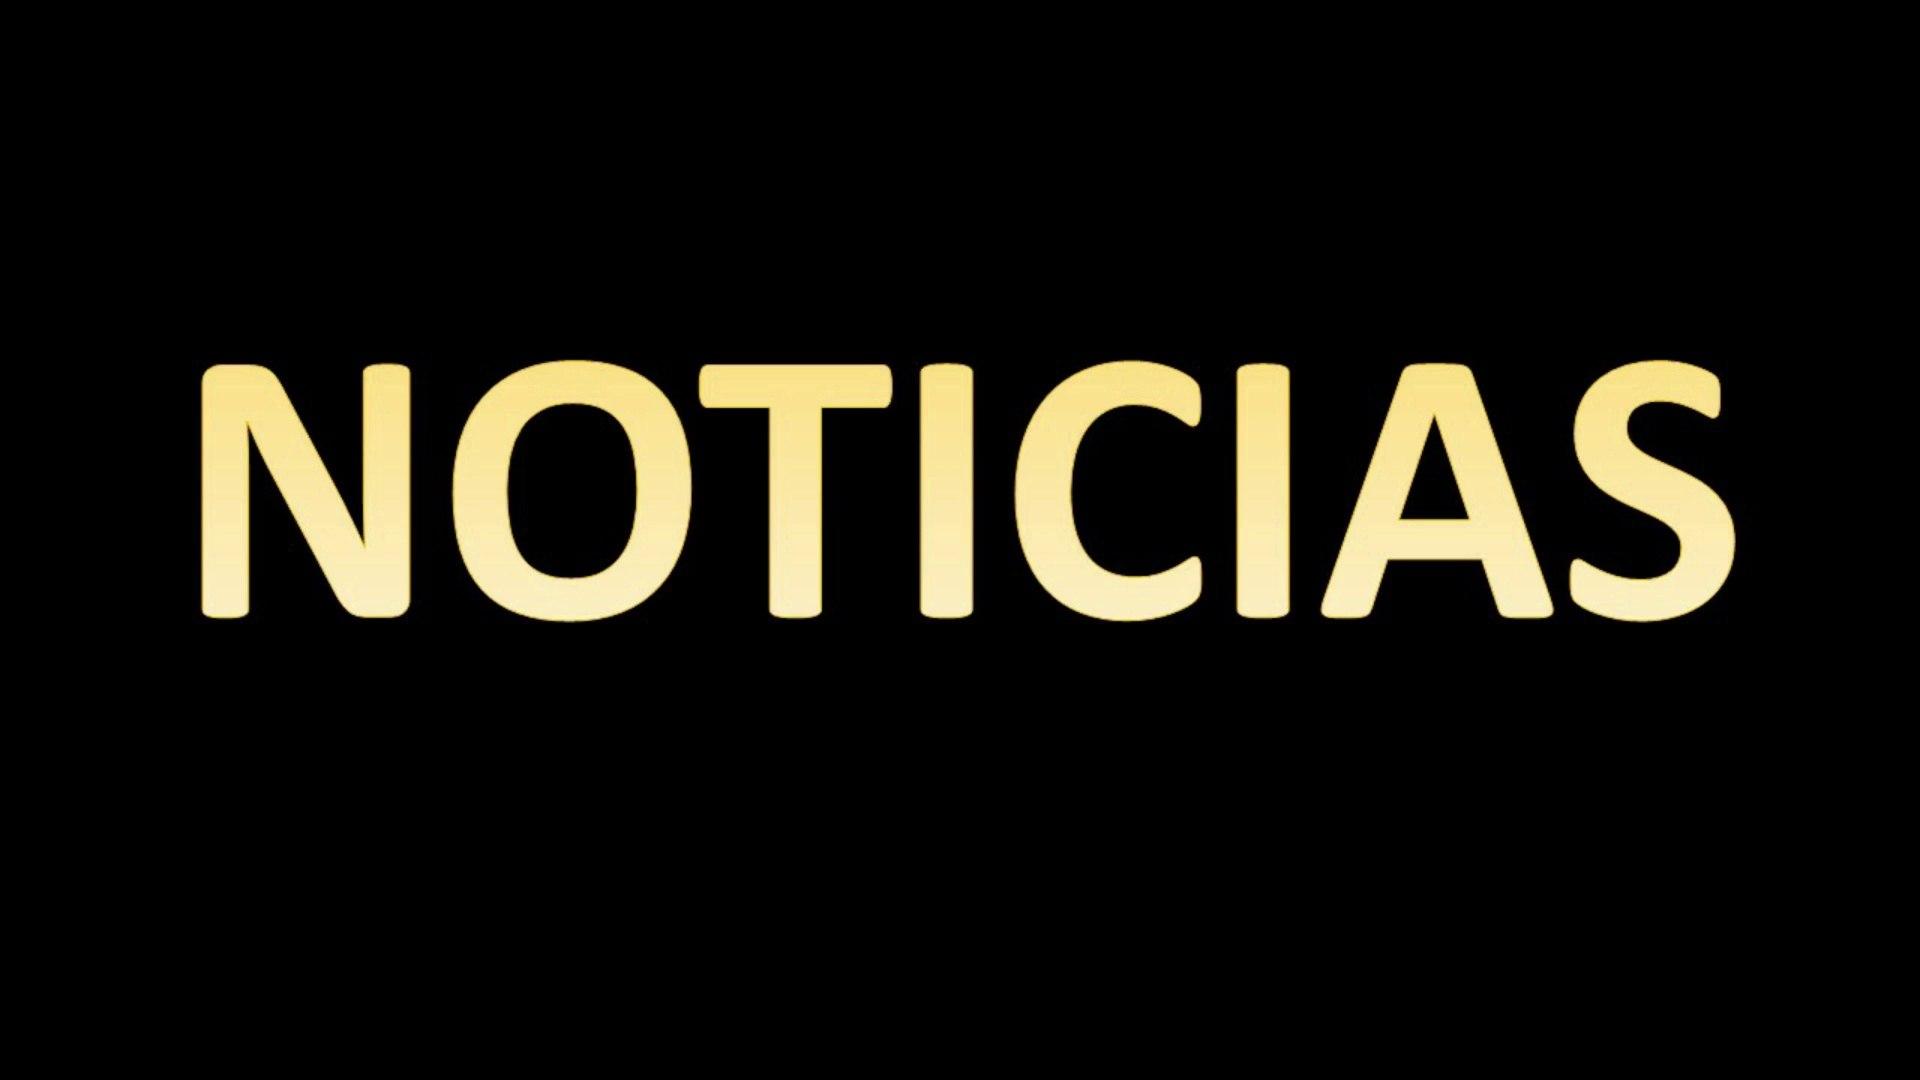 Varias temas de NOTICIAS de la semana, reseña de la banda Tierra Santa en Puerto Rico 2019 - Activan